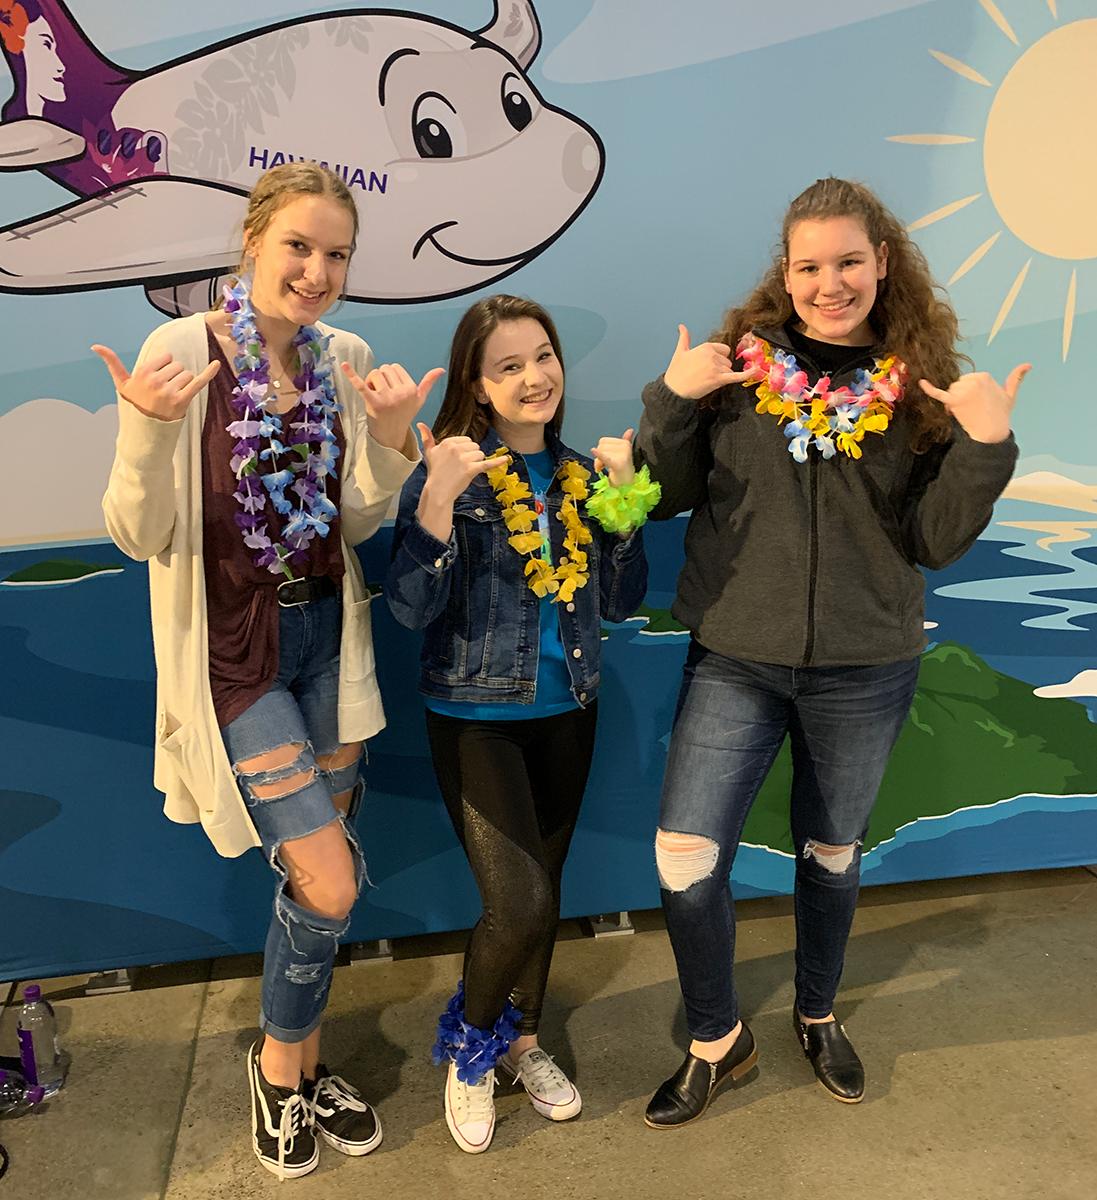 Hawaiian Themed Disney On Ice Event Featuring Moana